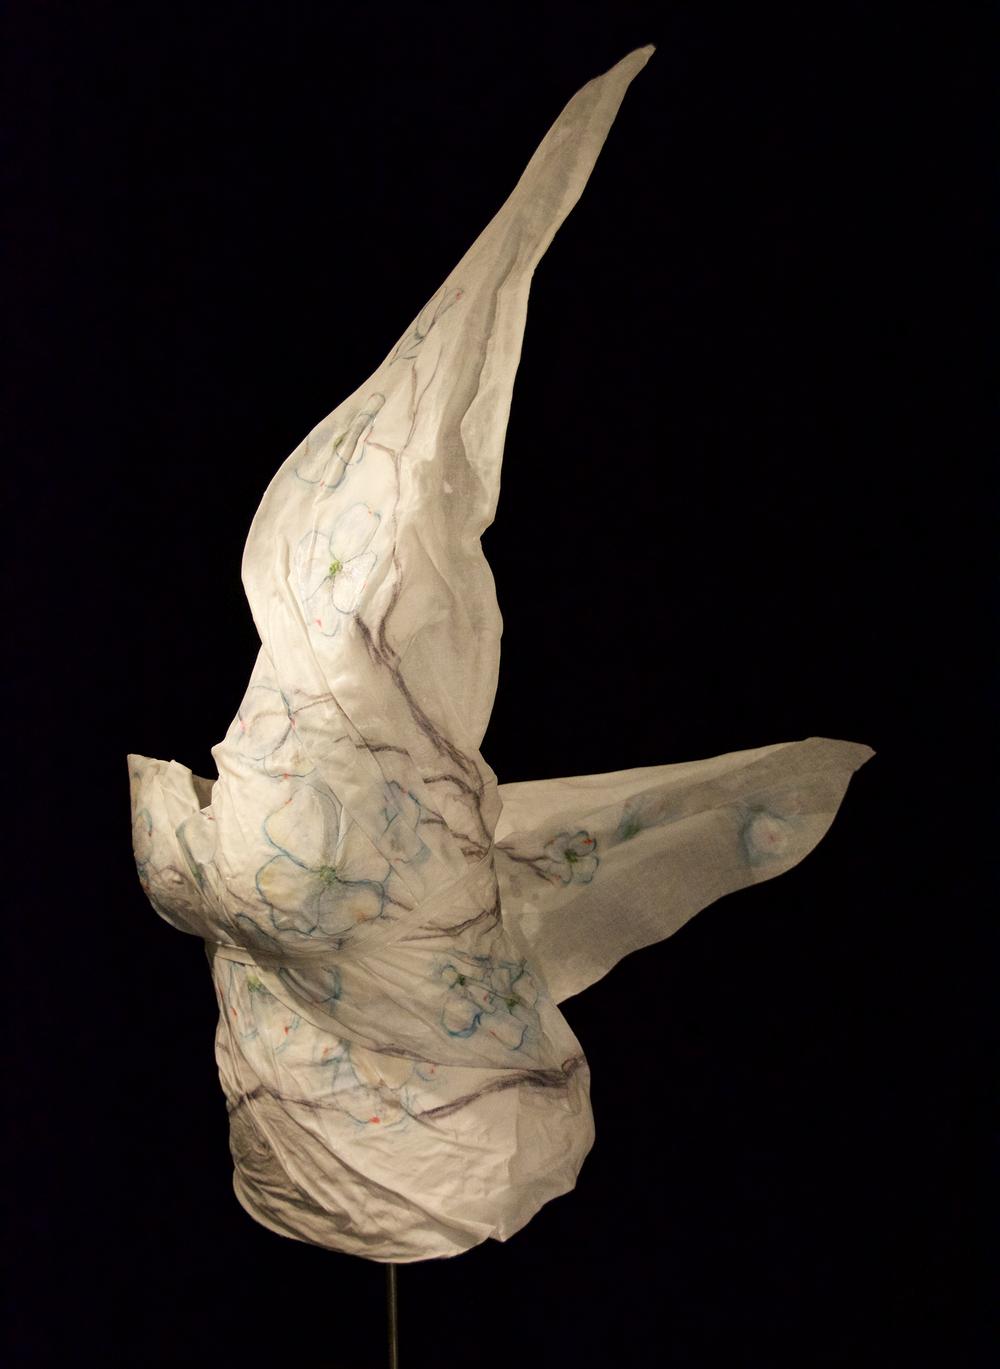 Victoria, by Kathryn Stella